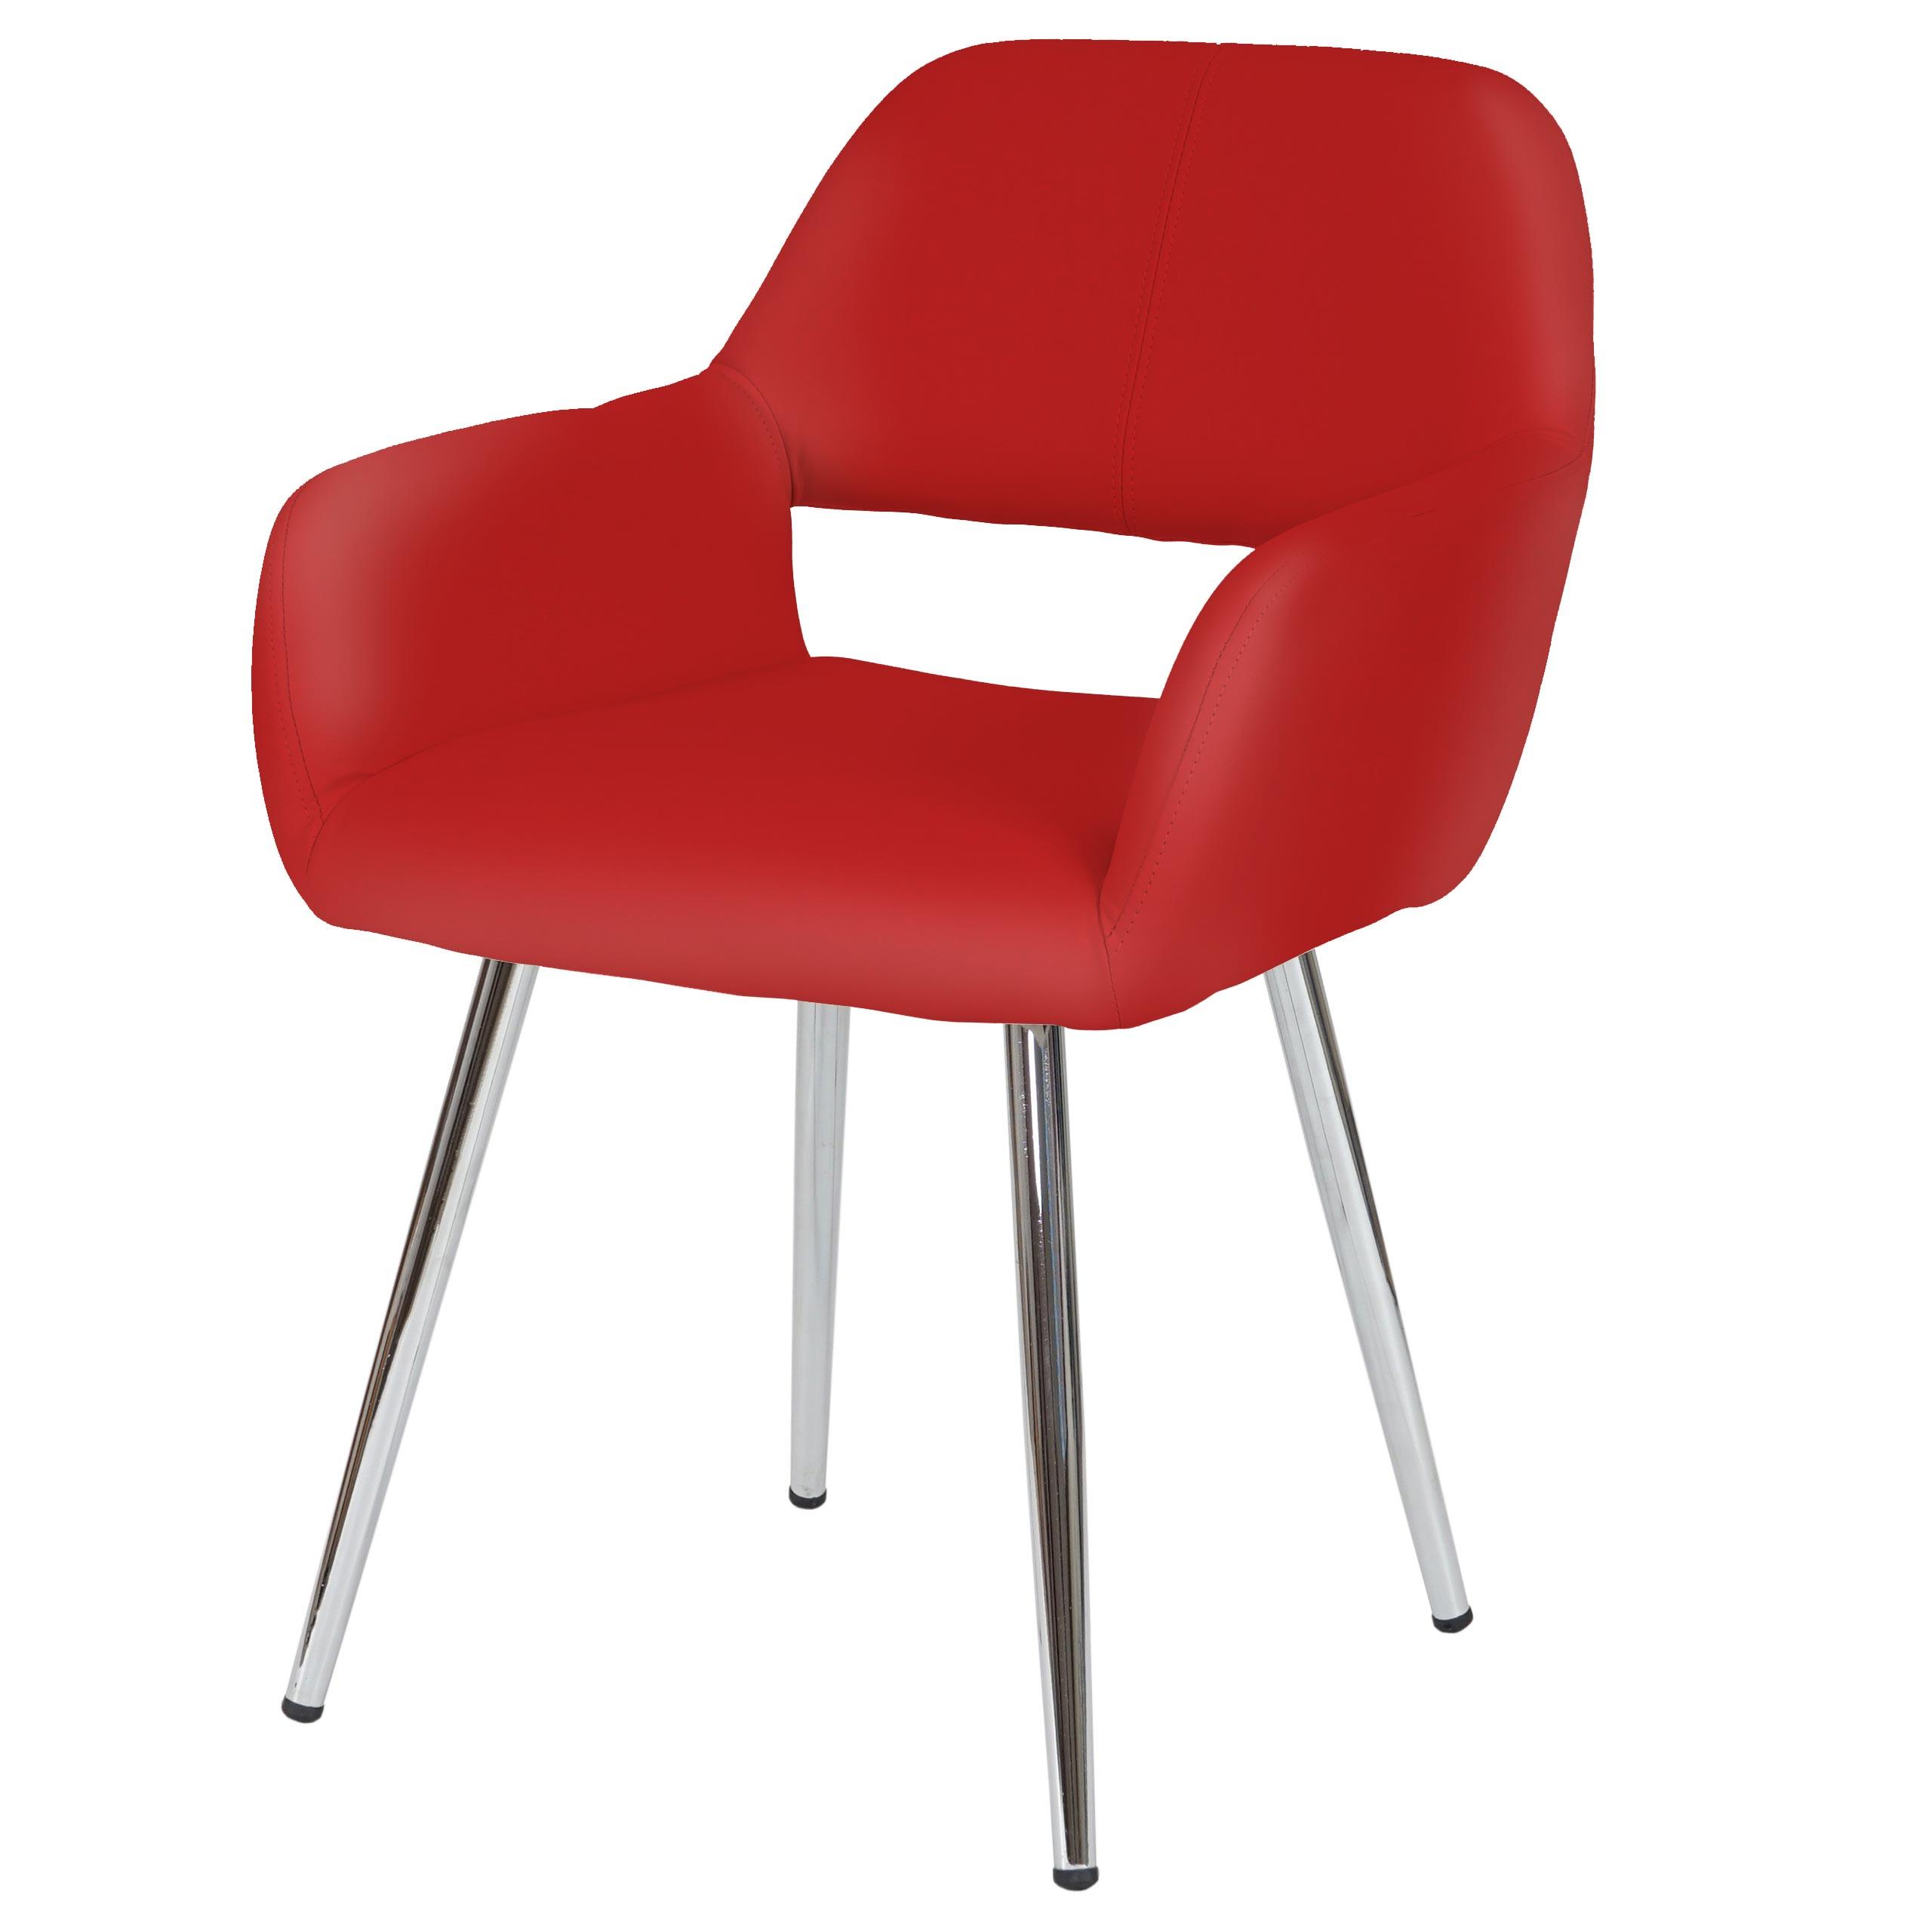 esszimmerstuhl altena stuhl lehnstuhl retro design kunstleder ebay. Black Bedroom Furniture Sets. Home Design Ideas